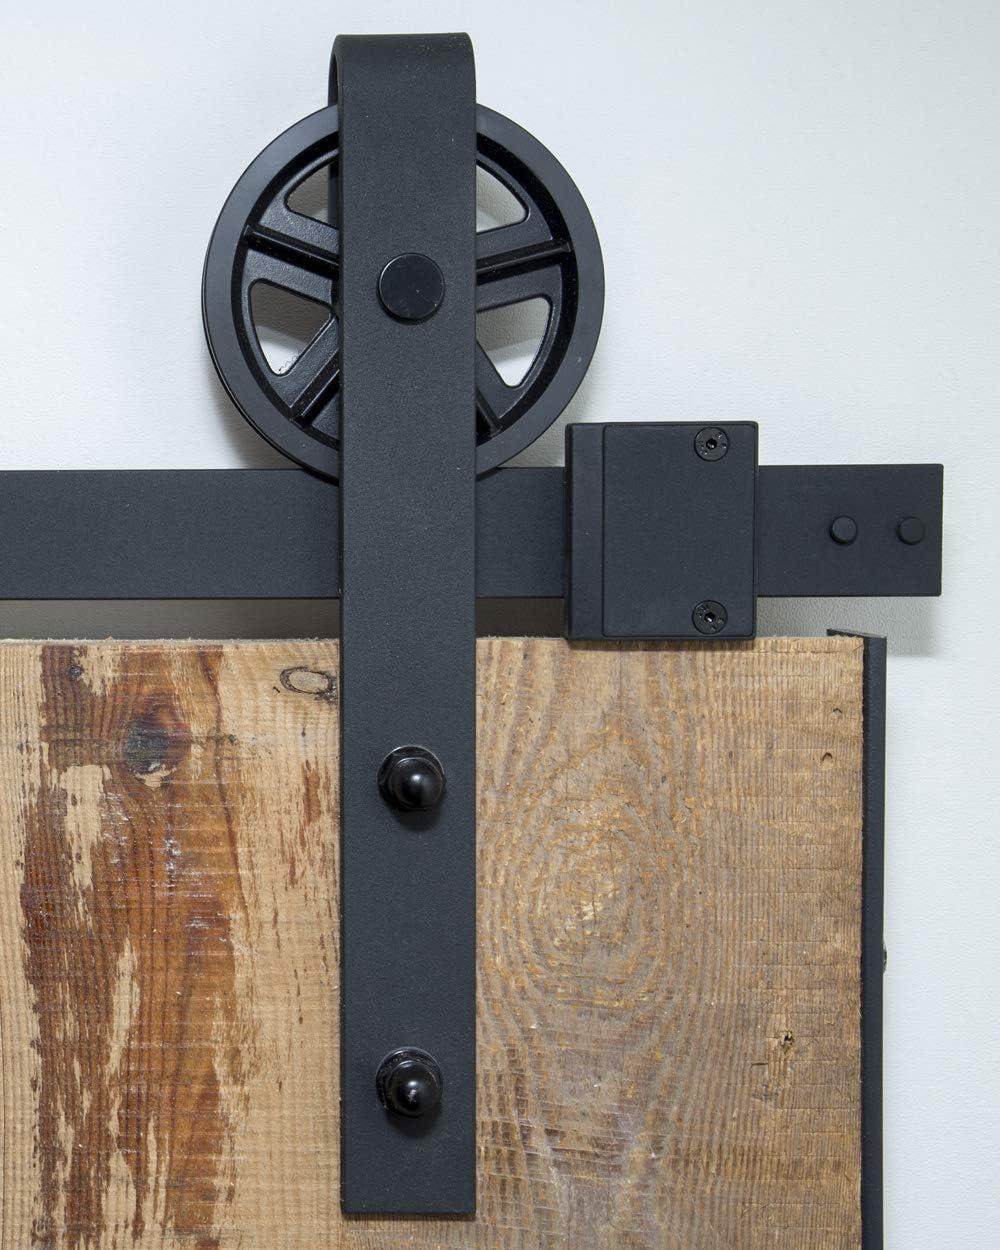 Sistema de puerta corredera, rueda de radios de 200 cm, juego completo con ruedas y carril, sistema de puerta corredera de 2 metros, rueda de radios -Spoke wheel black